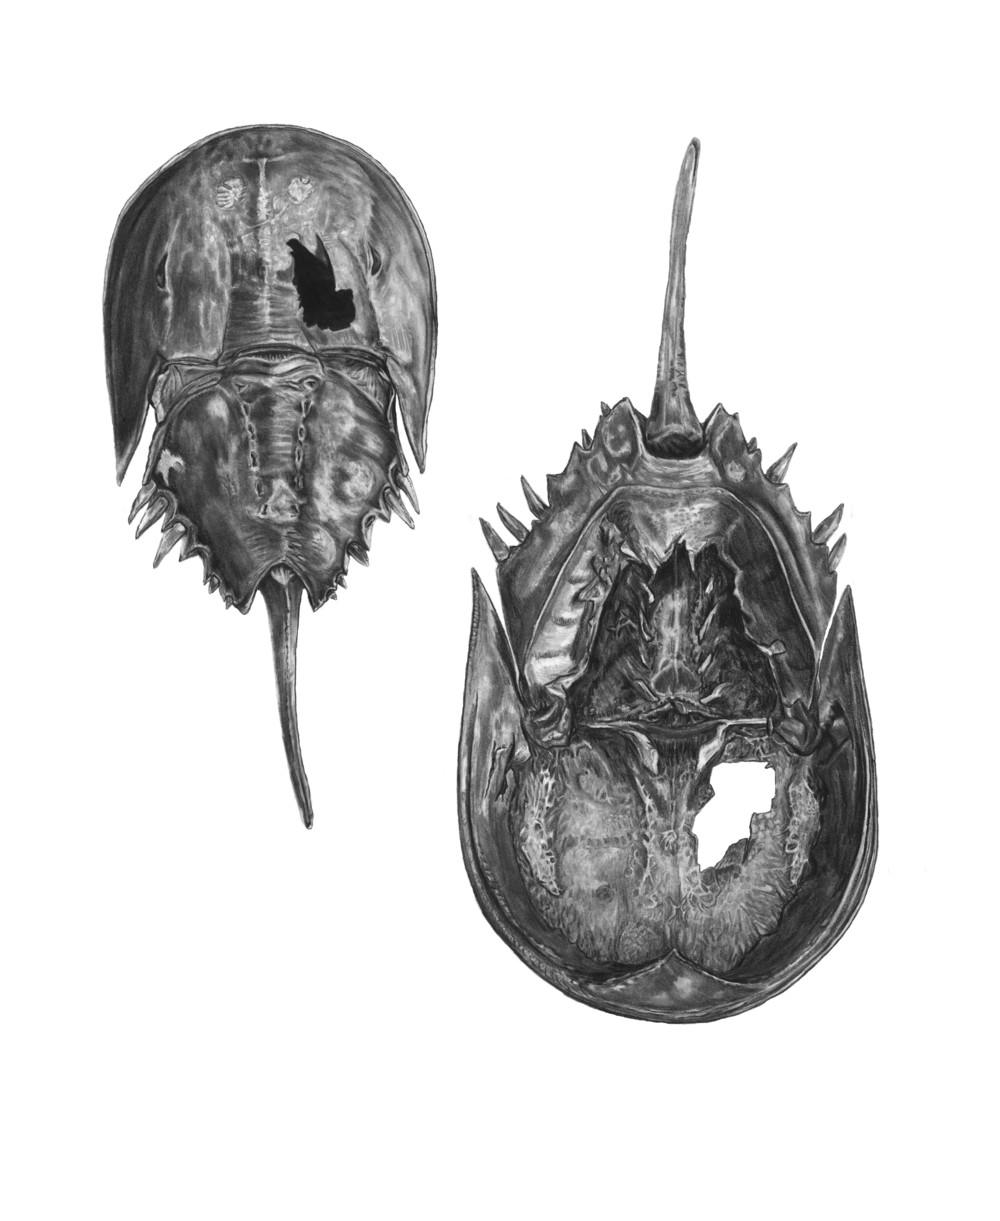 Horseshoe Crab Carapace